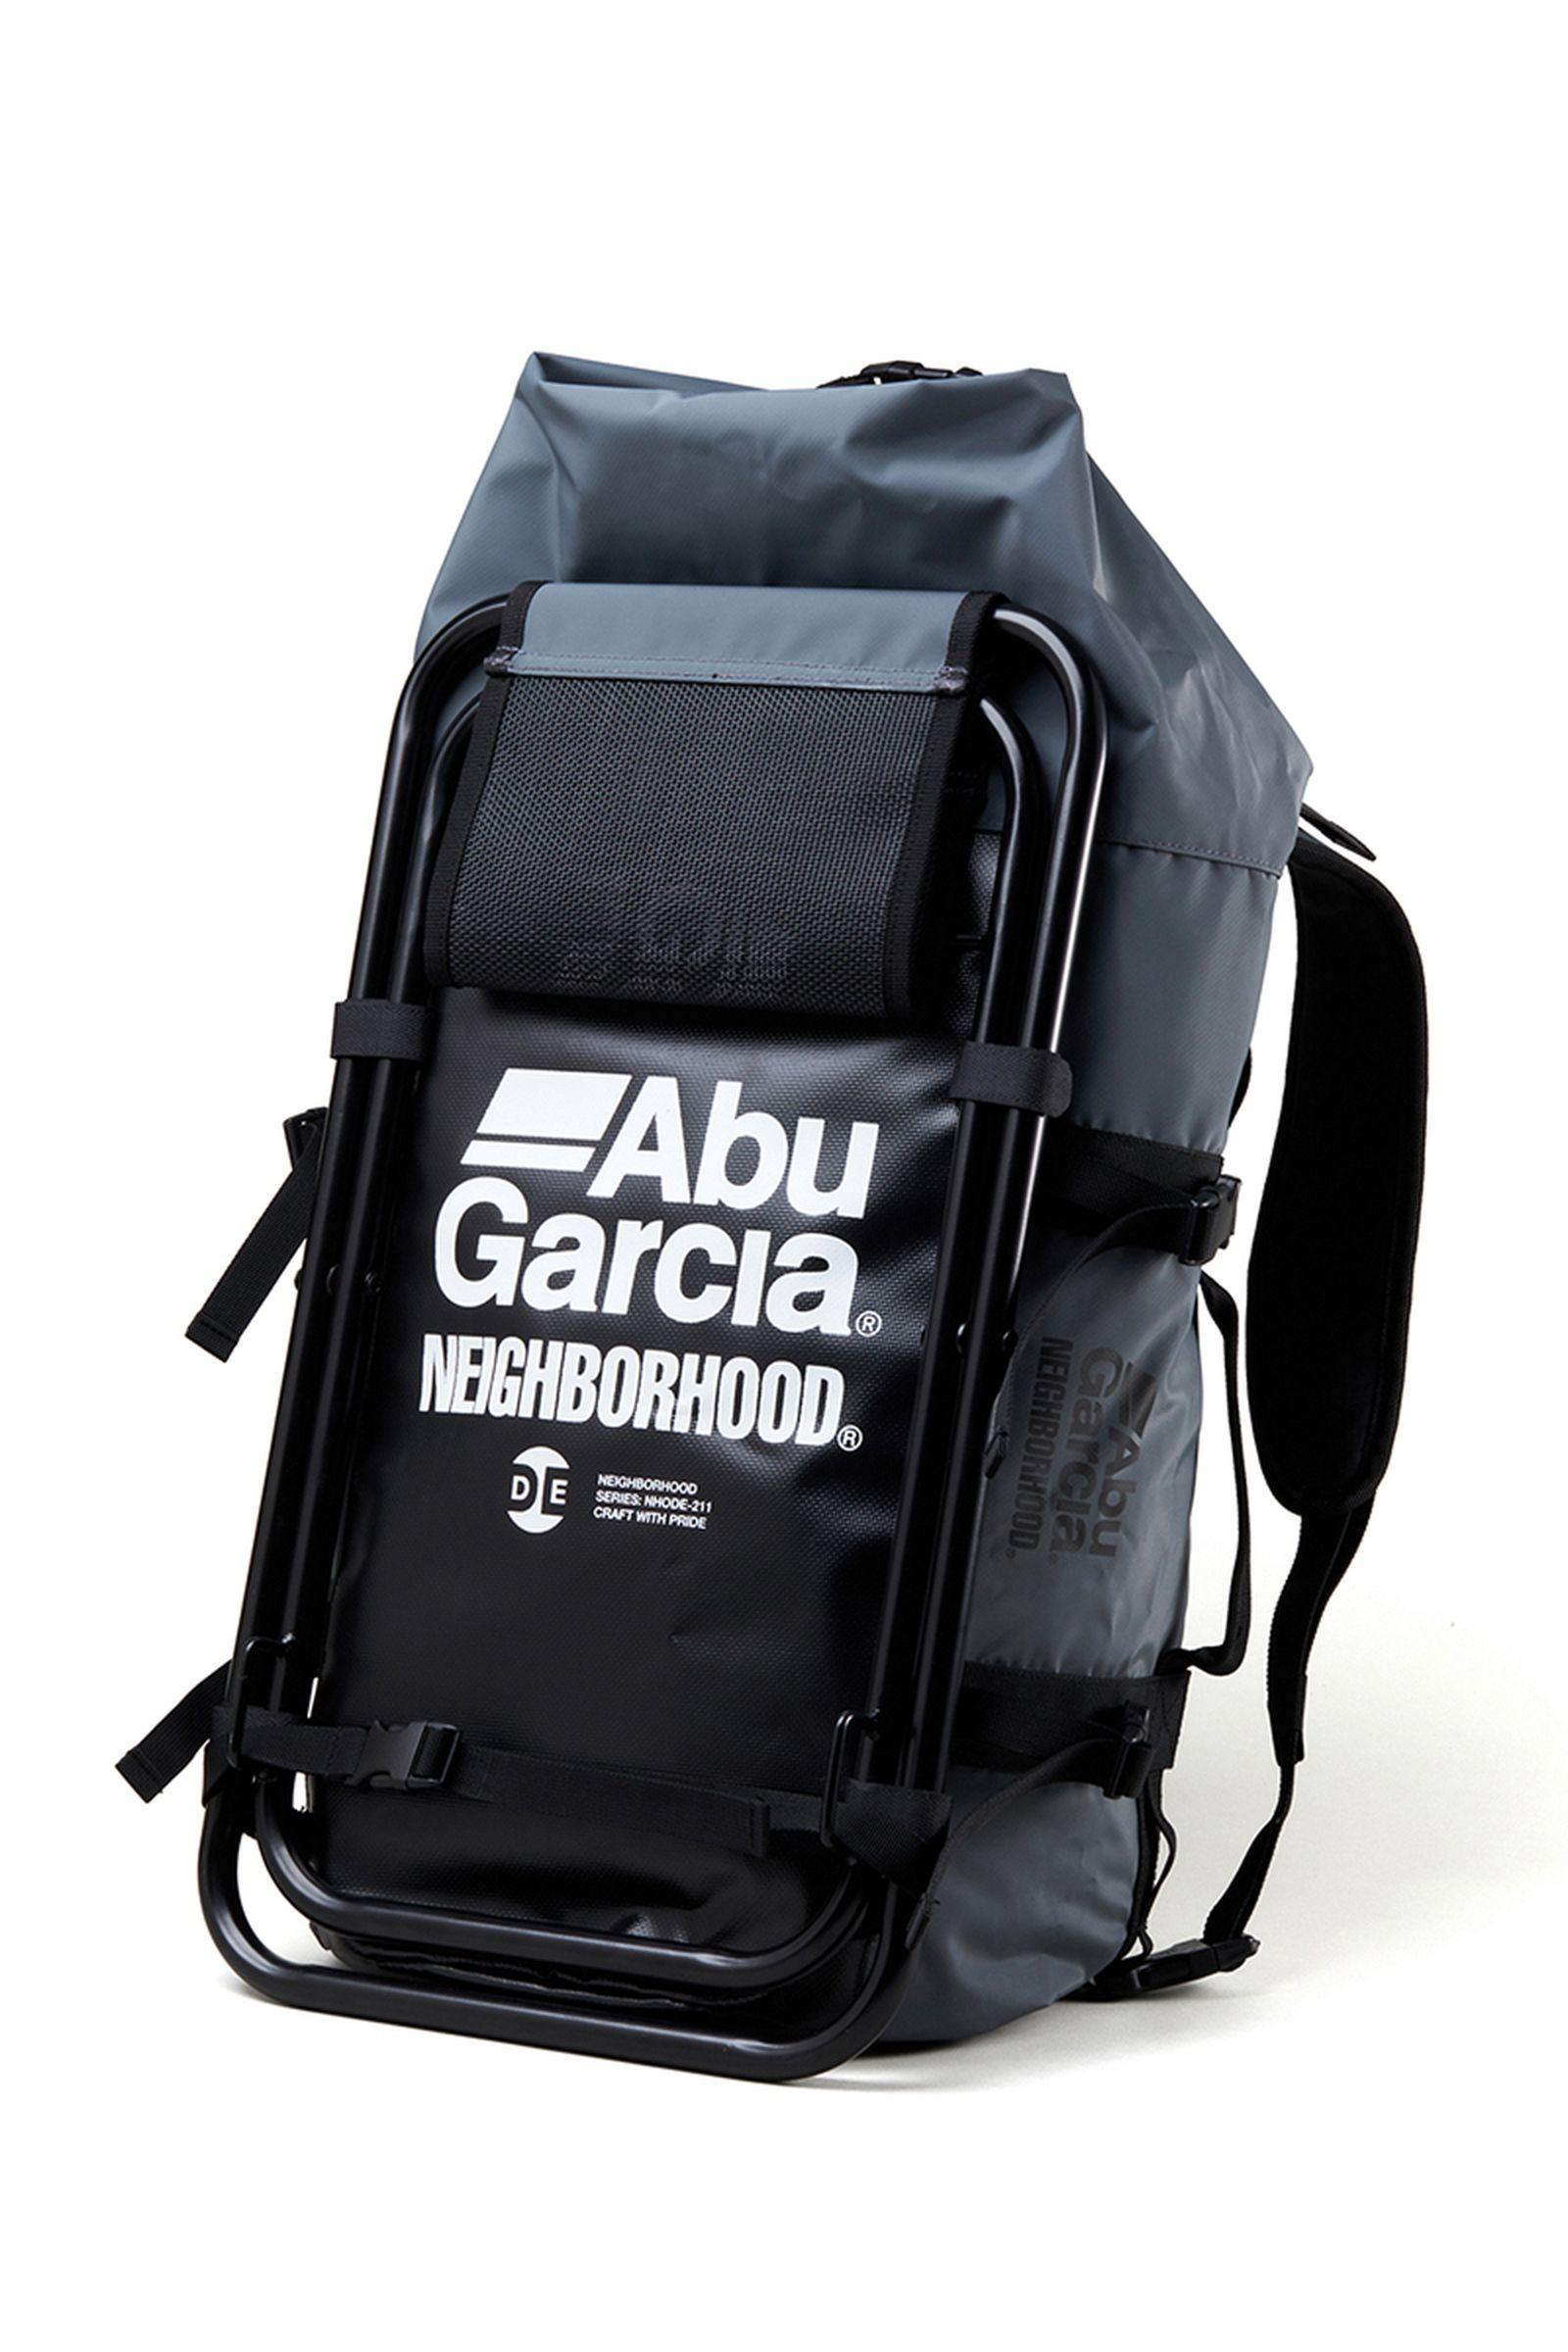 neighborhood-abu-garcia-fishing-camping-gear- (23)